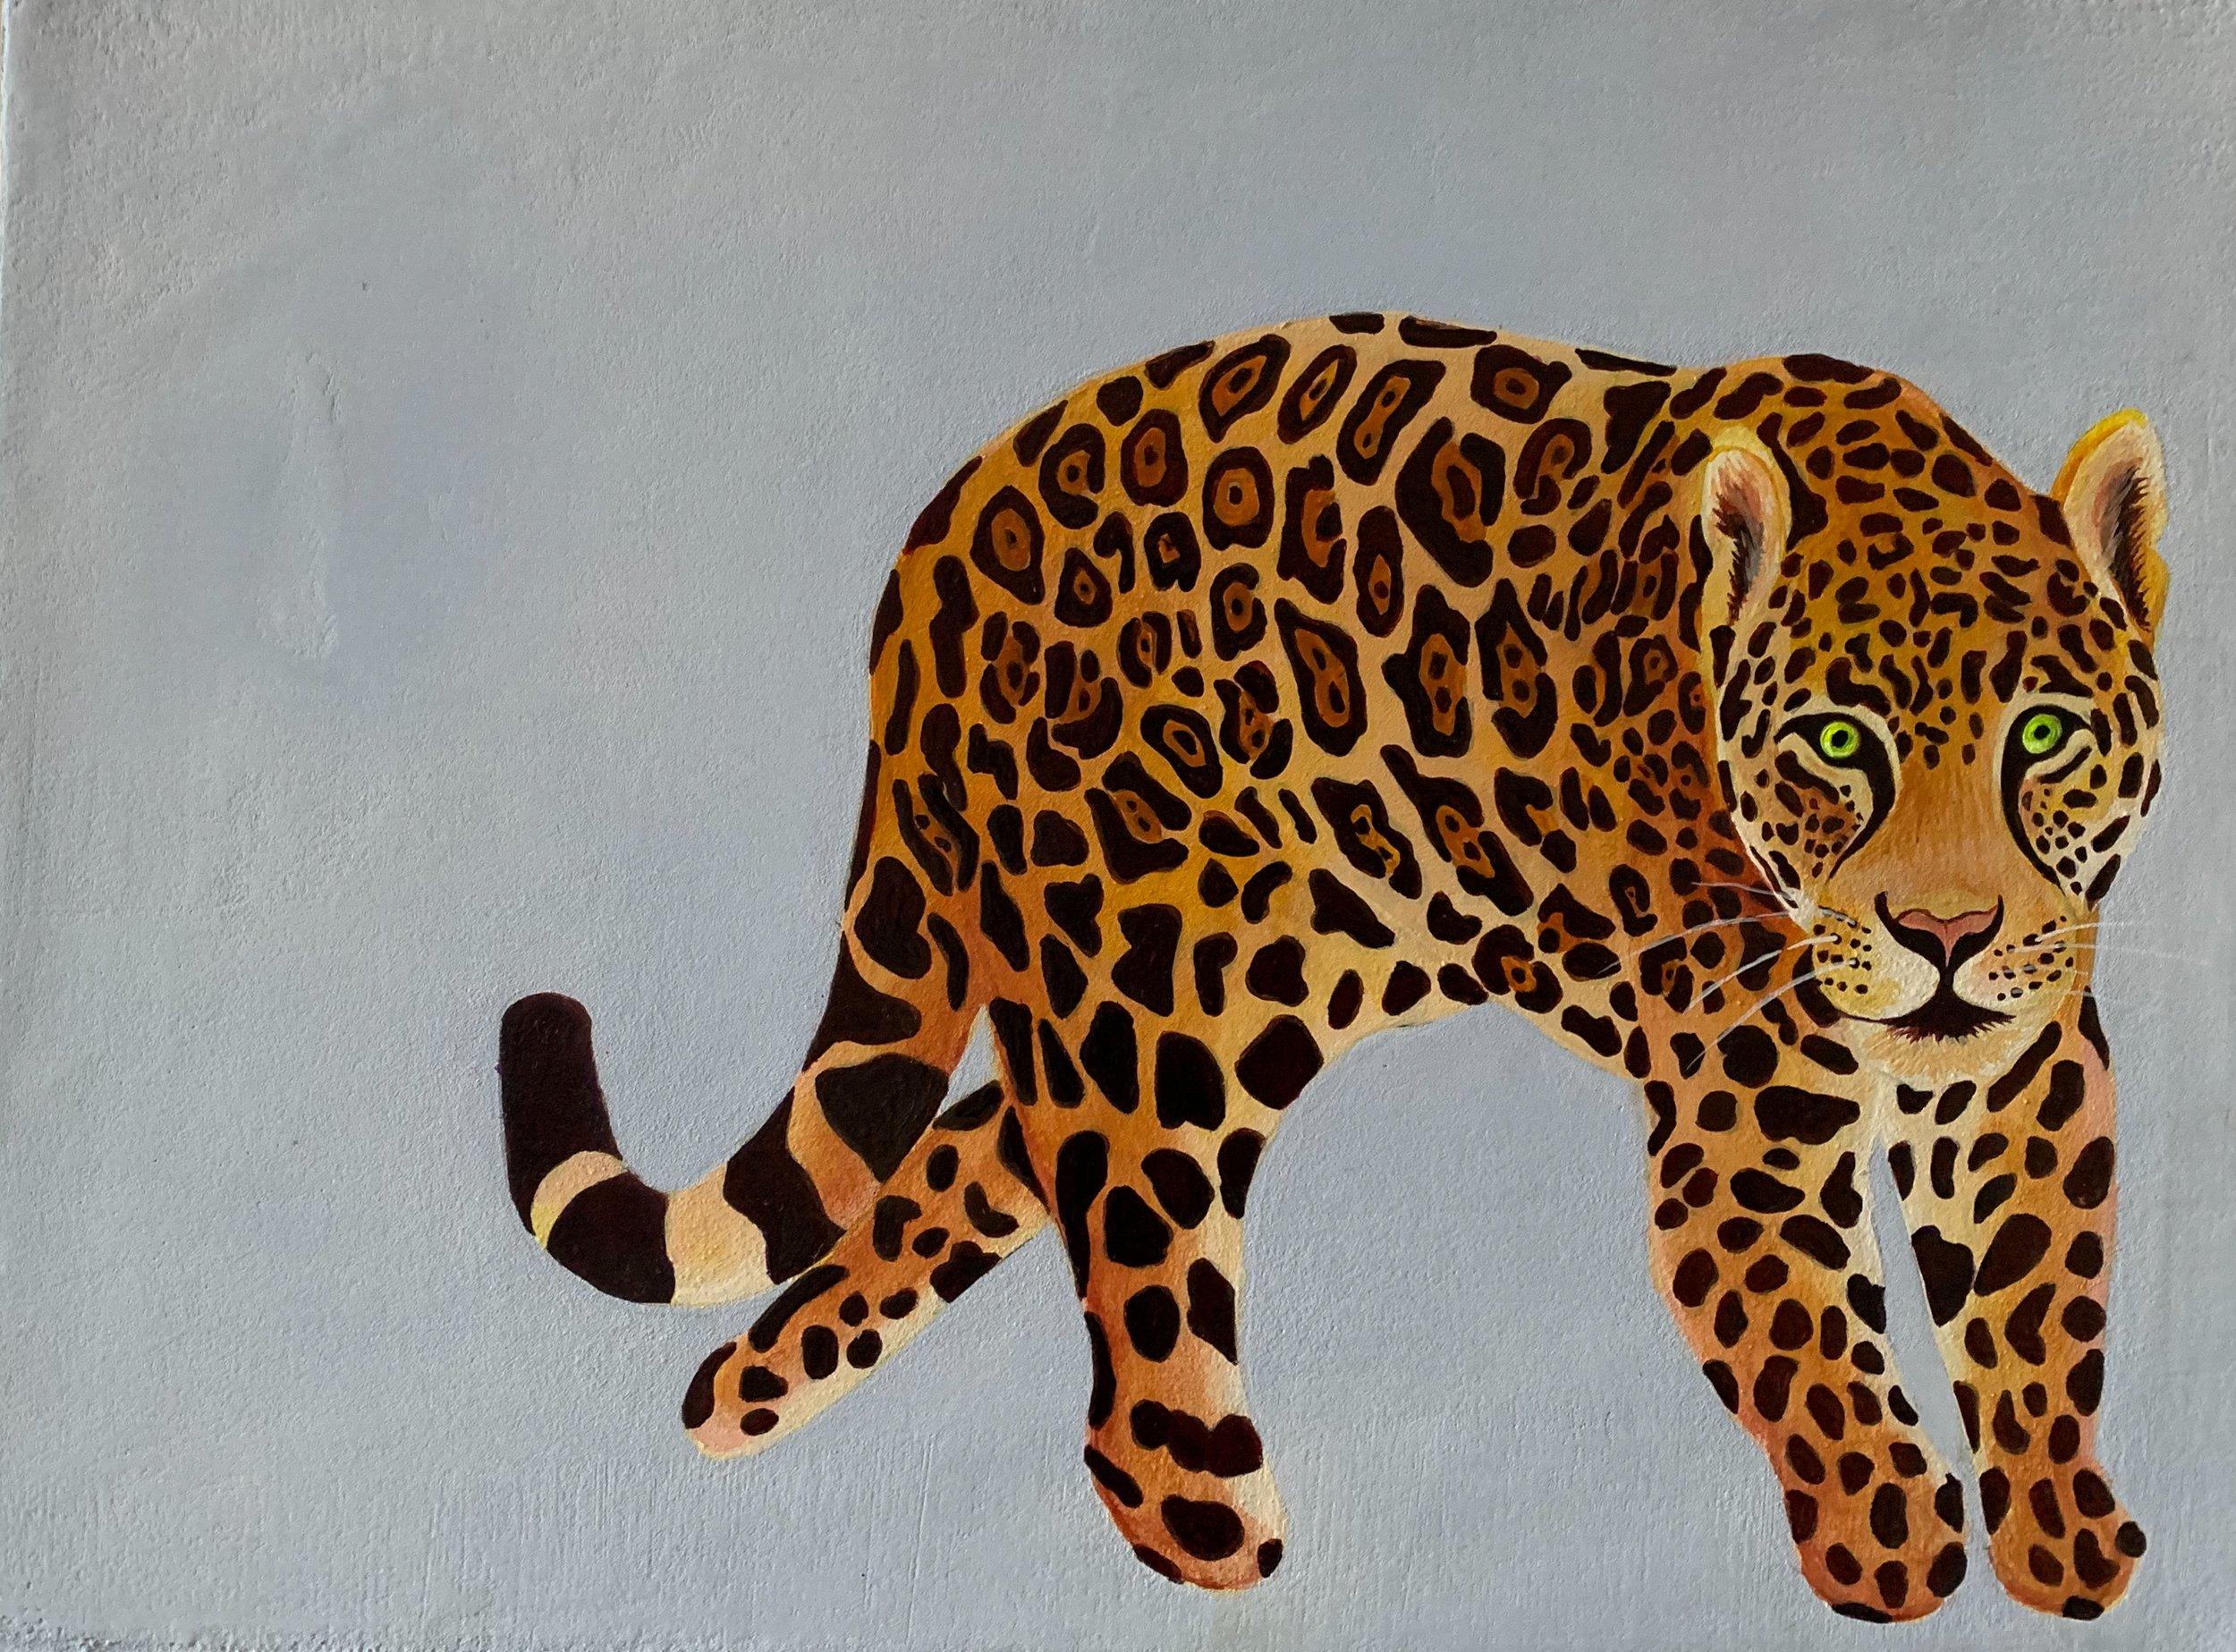 Jaguar 3.jpg